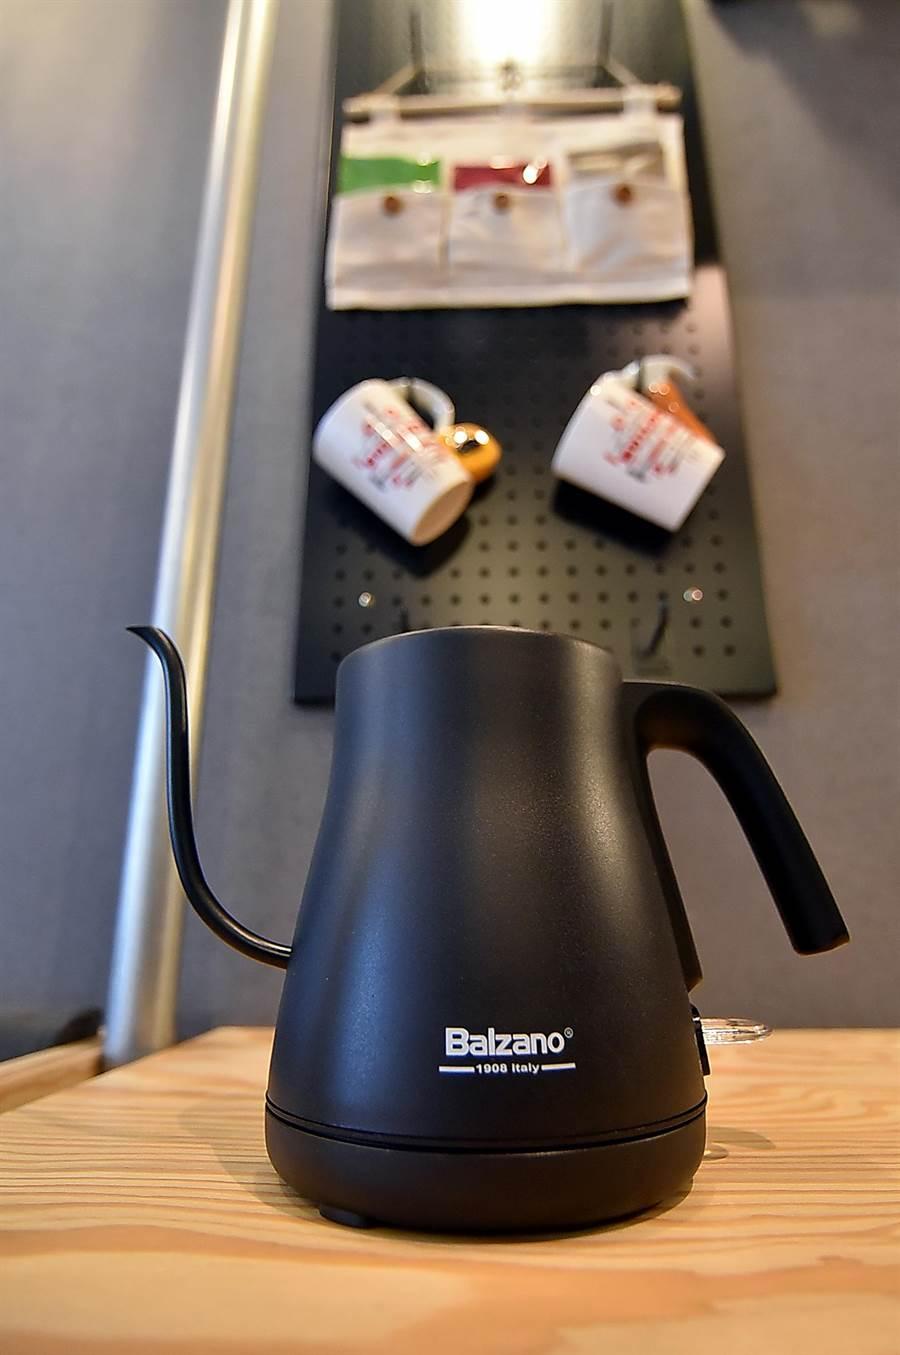 捷絲旅三重館的每間客房內都備有電子溫控手沖壺,除可用來取代快煮壺煮開水,更可用來手沖飯店準備的各式風味掛耳咖啡。(圖/姚舜)